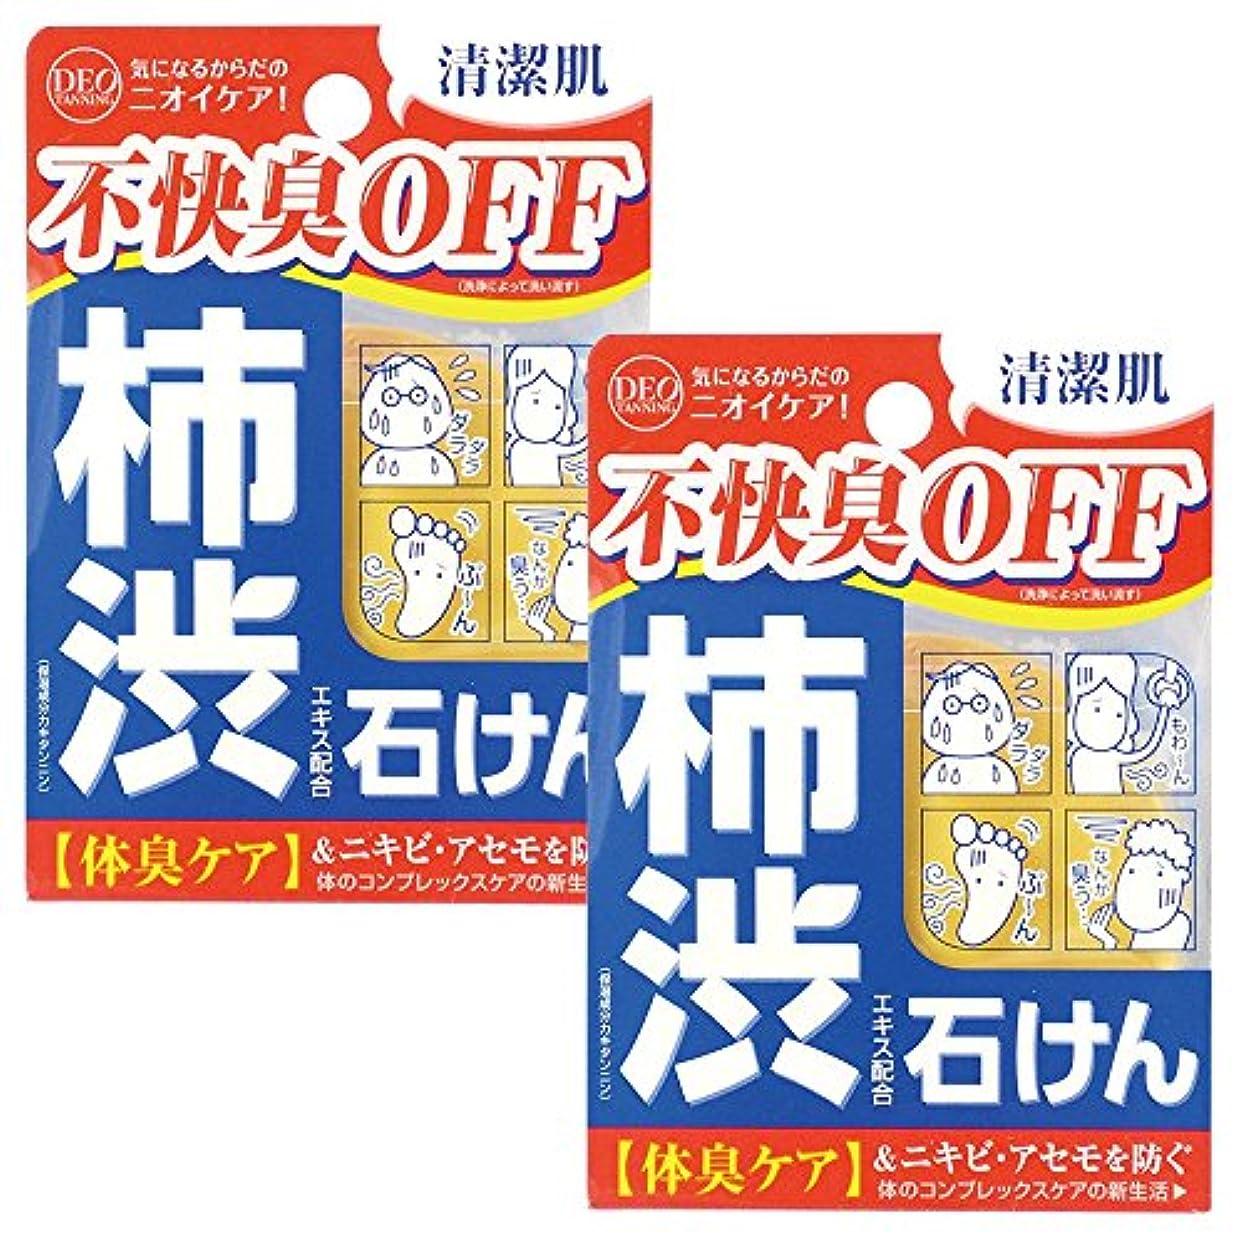 ウミウシ国遠足【セット品】デオタンニング ソープ 100g ×2個